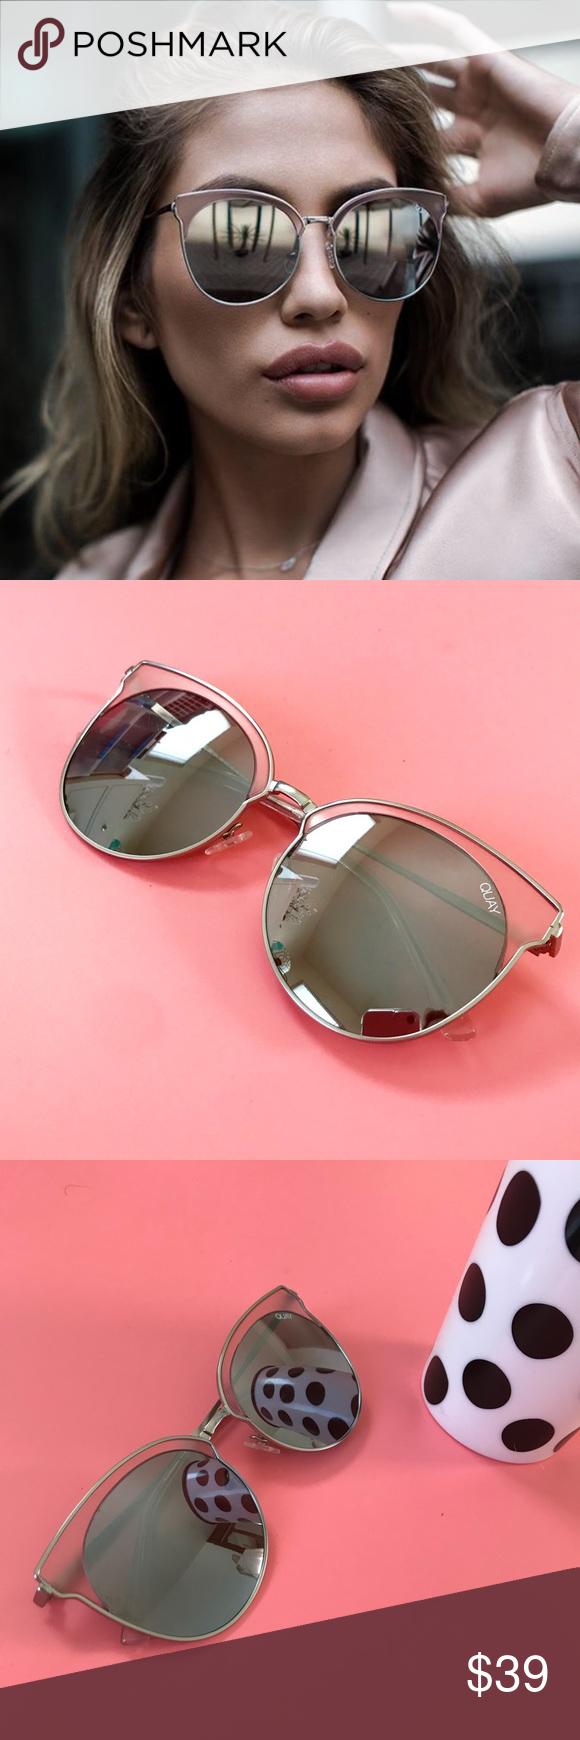 178c0e7c0d75f Quay Australia Mia Bella Reflective Sunglasses Quay Australia round  reflective lenses set in a metal frame